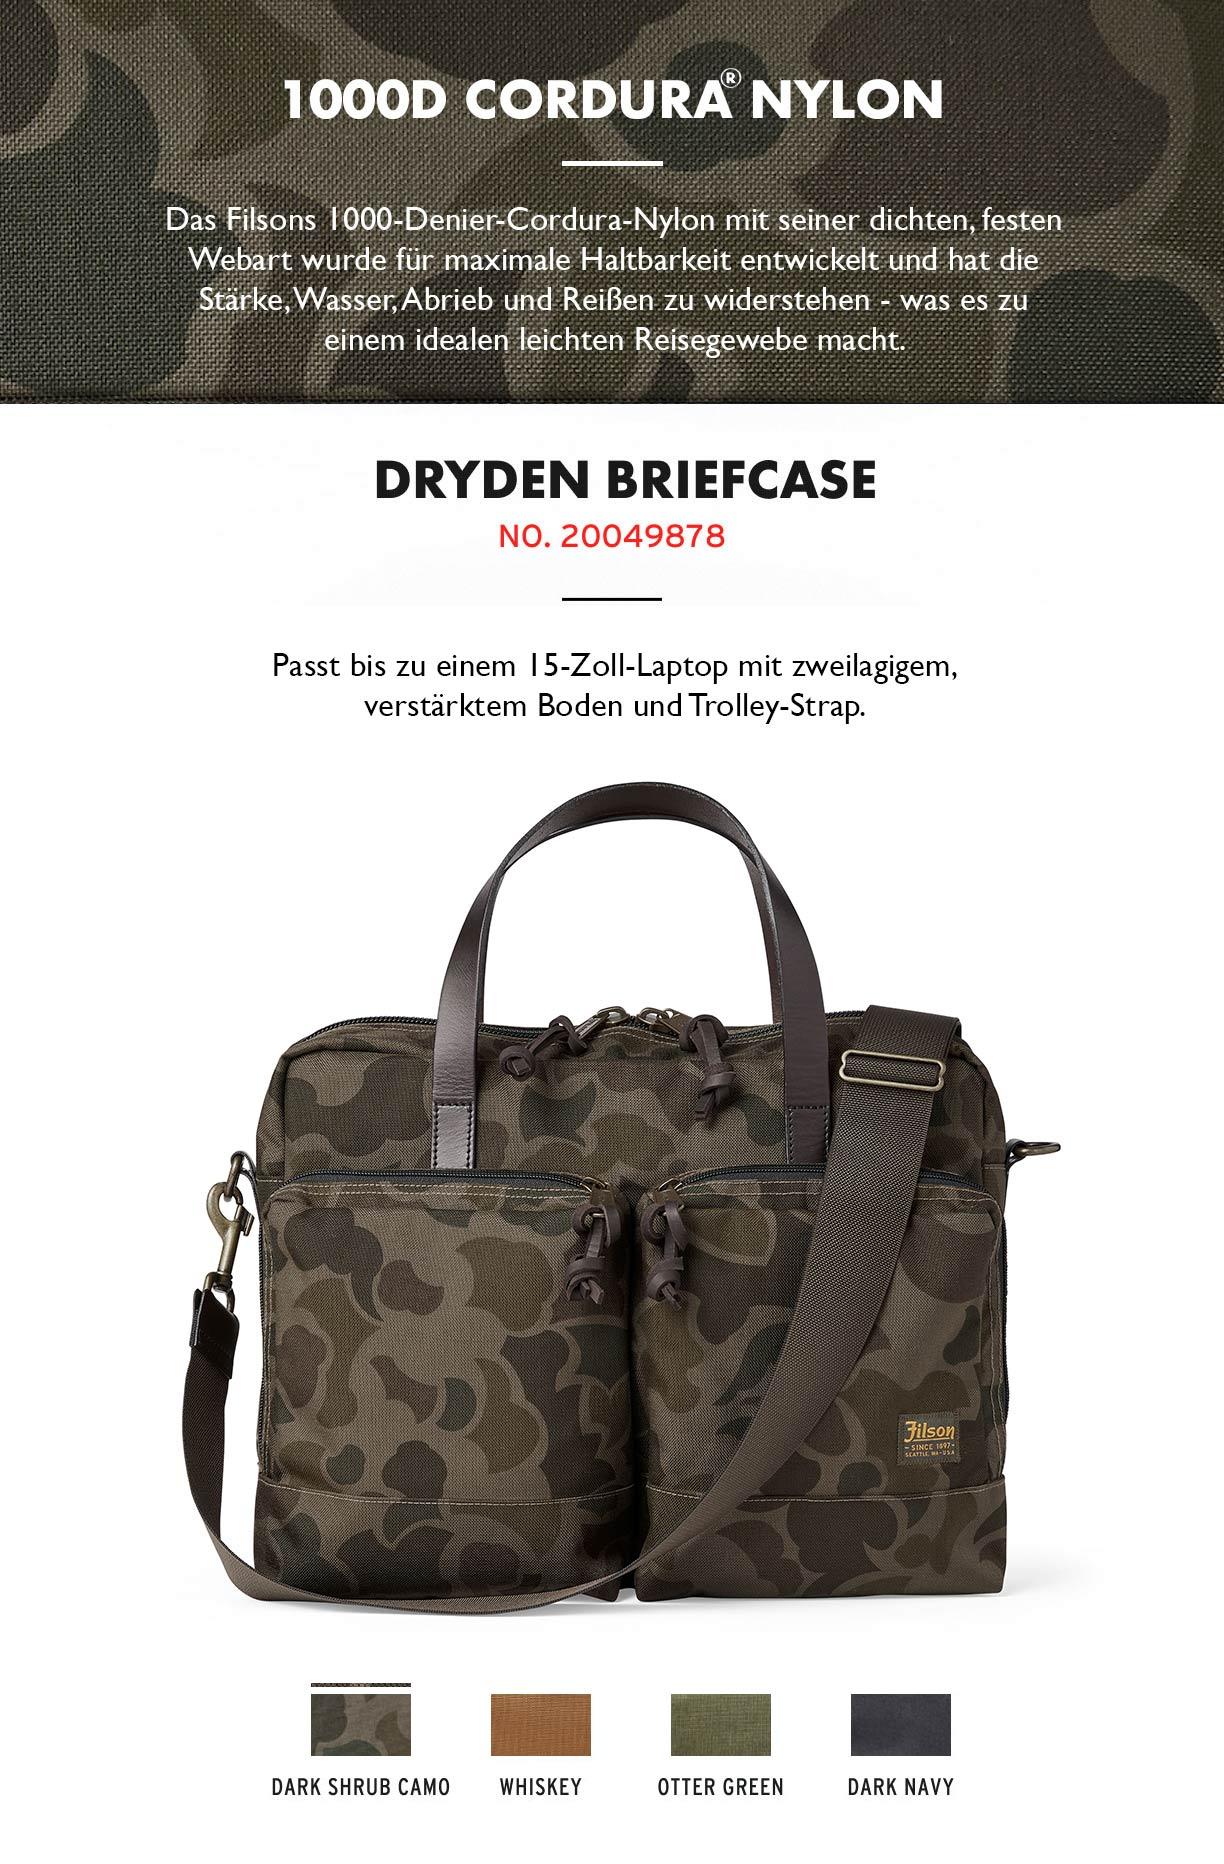 Filson Dryden Briefcase Dark Shrub Camo Product-information